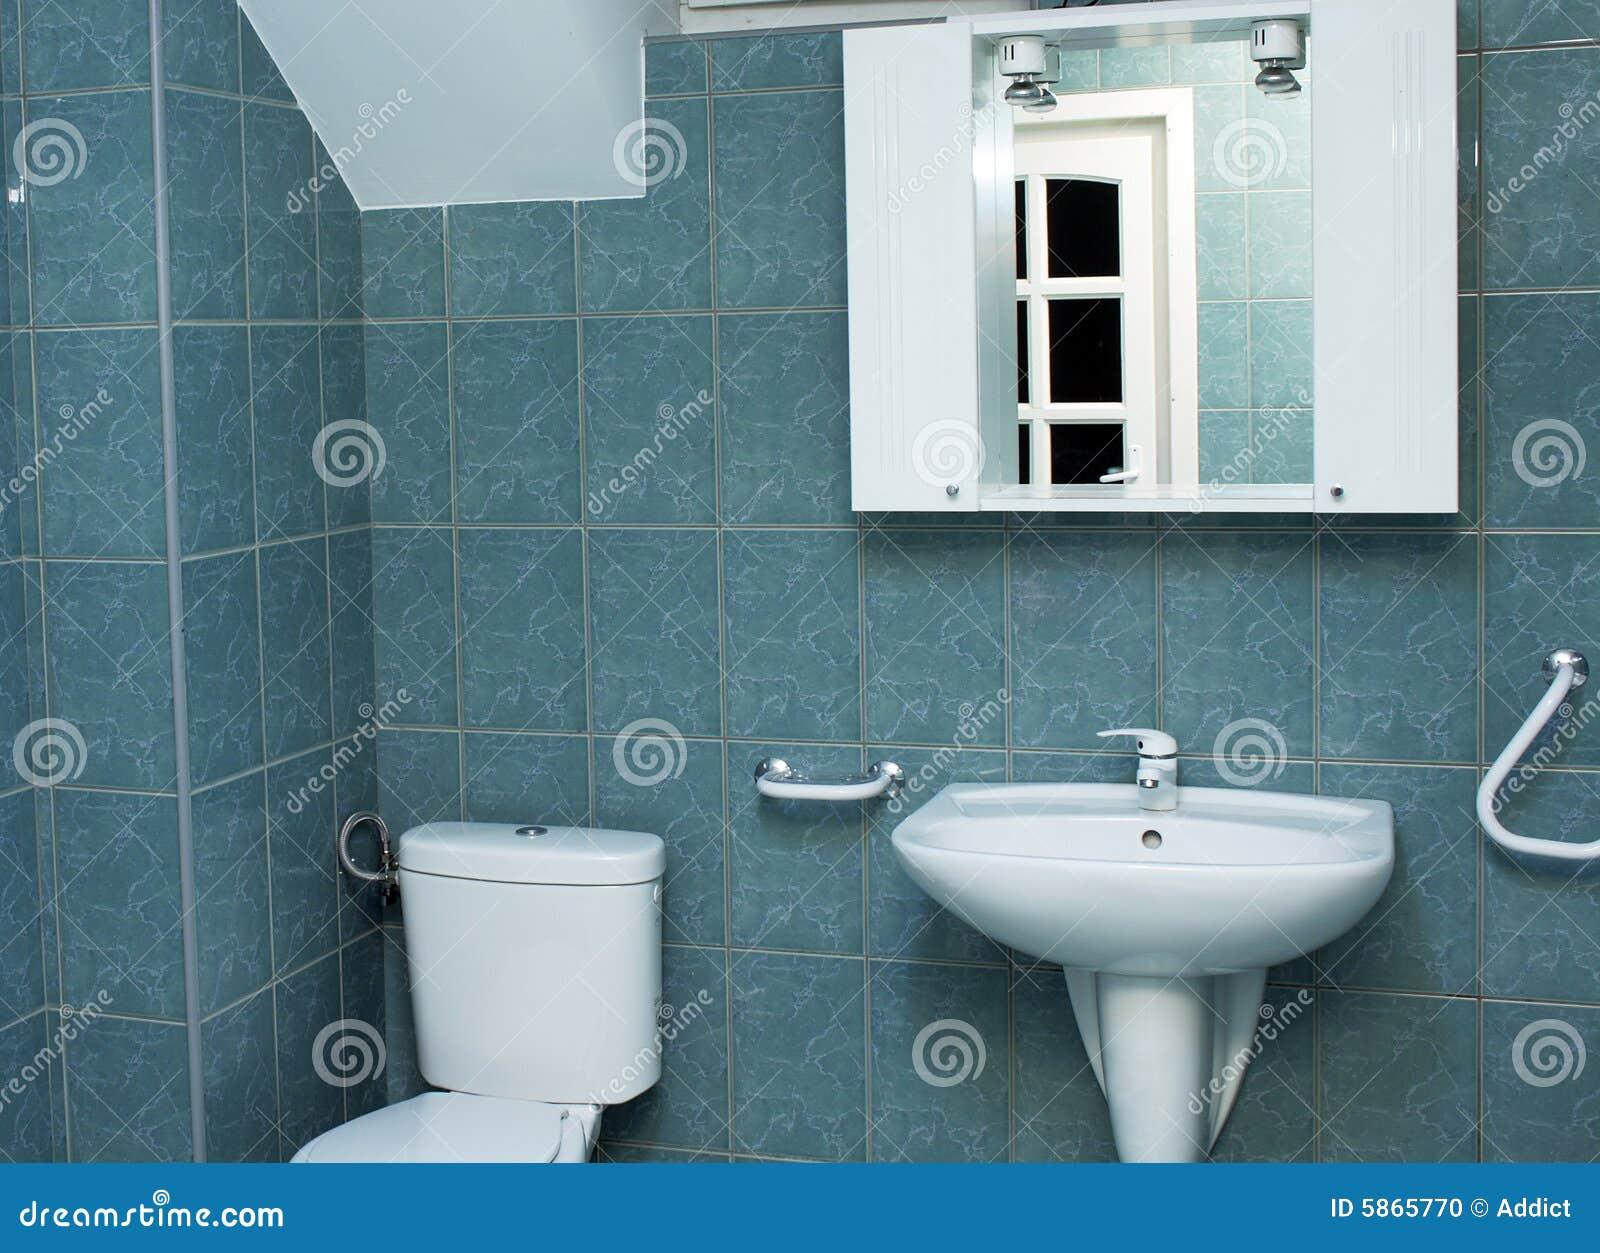 Groene Keuken Tegels : Moderne Badkamers Met Groene Tegels Stock Foto – Afbeelding: 5865770